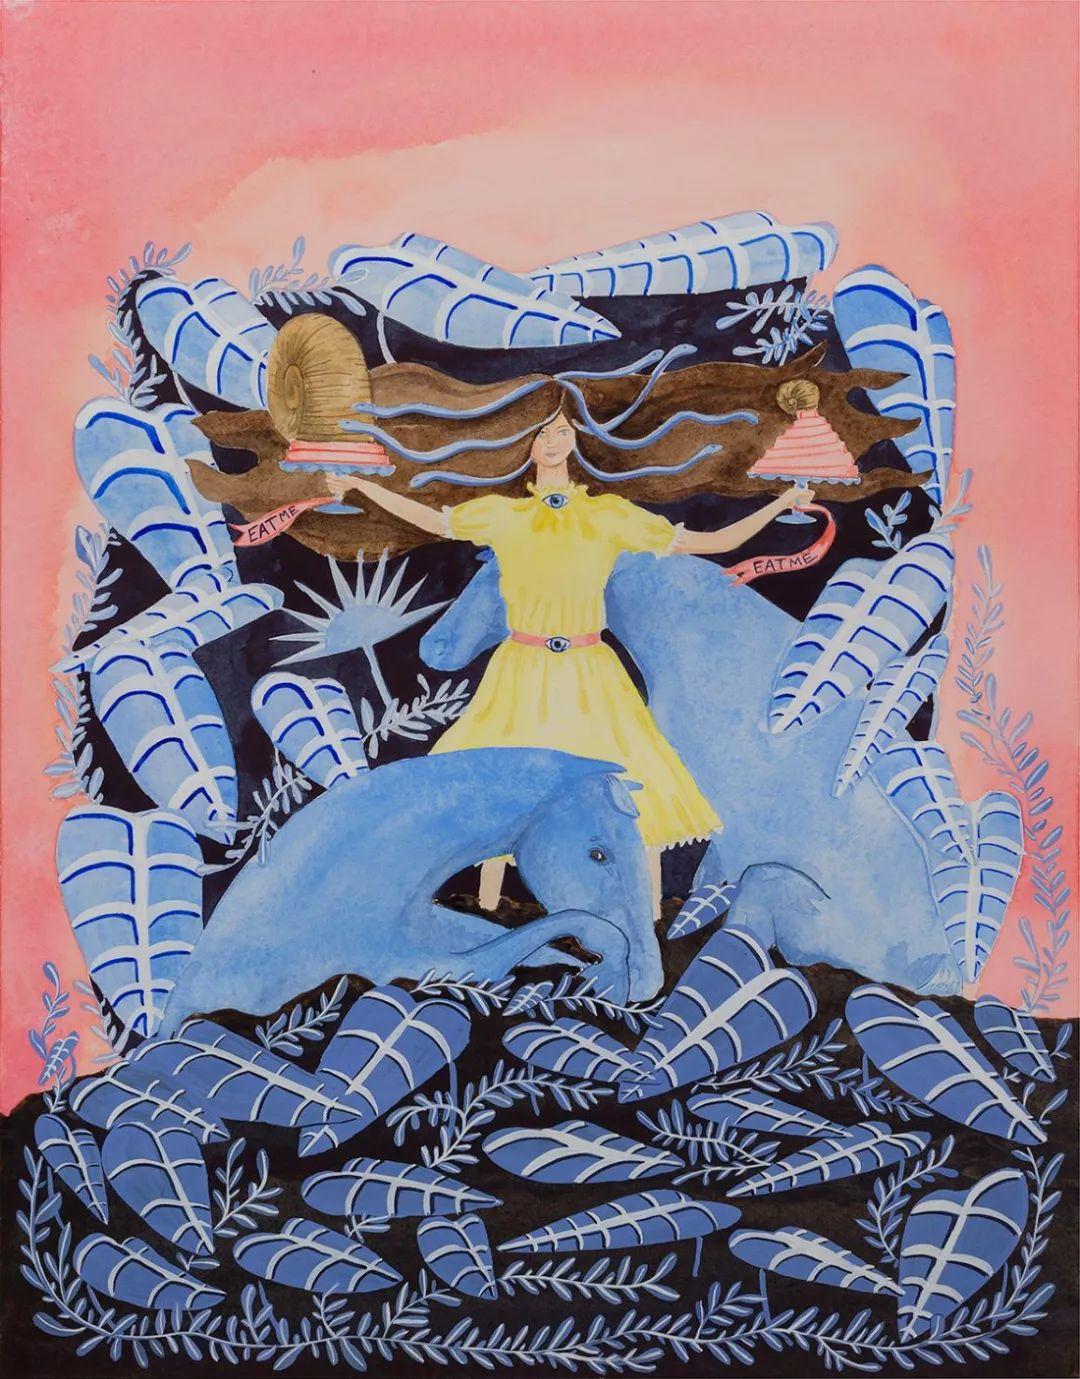 美国Dana Sherwood新的插画探讨了蒙古游牧部落 第10张 美国Dana Sherwood新的插画探讨了蒙古游牧部落 蒙古画廊